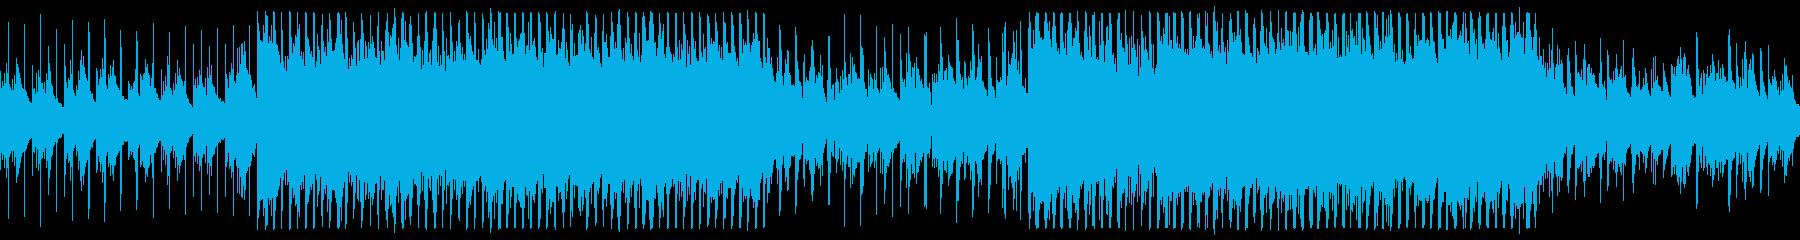 【ループ版】企業VP・CM 感動的の再生済みの波形